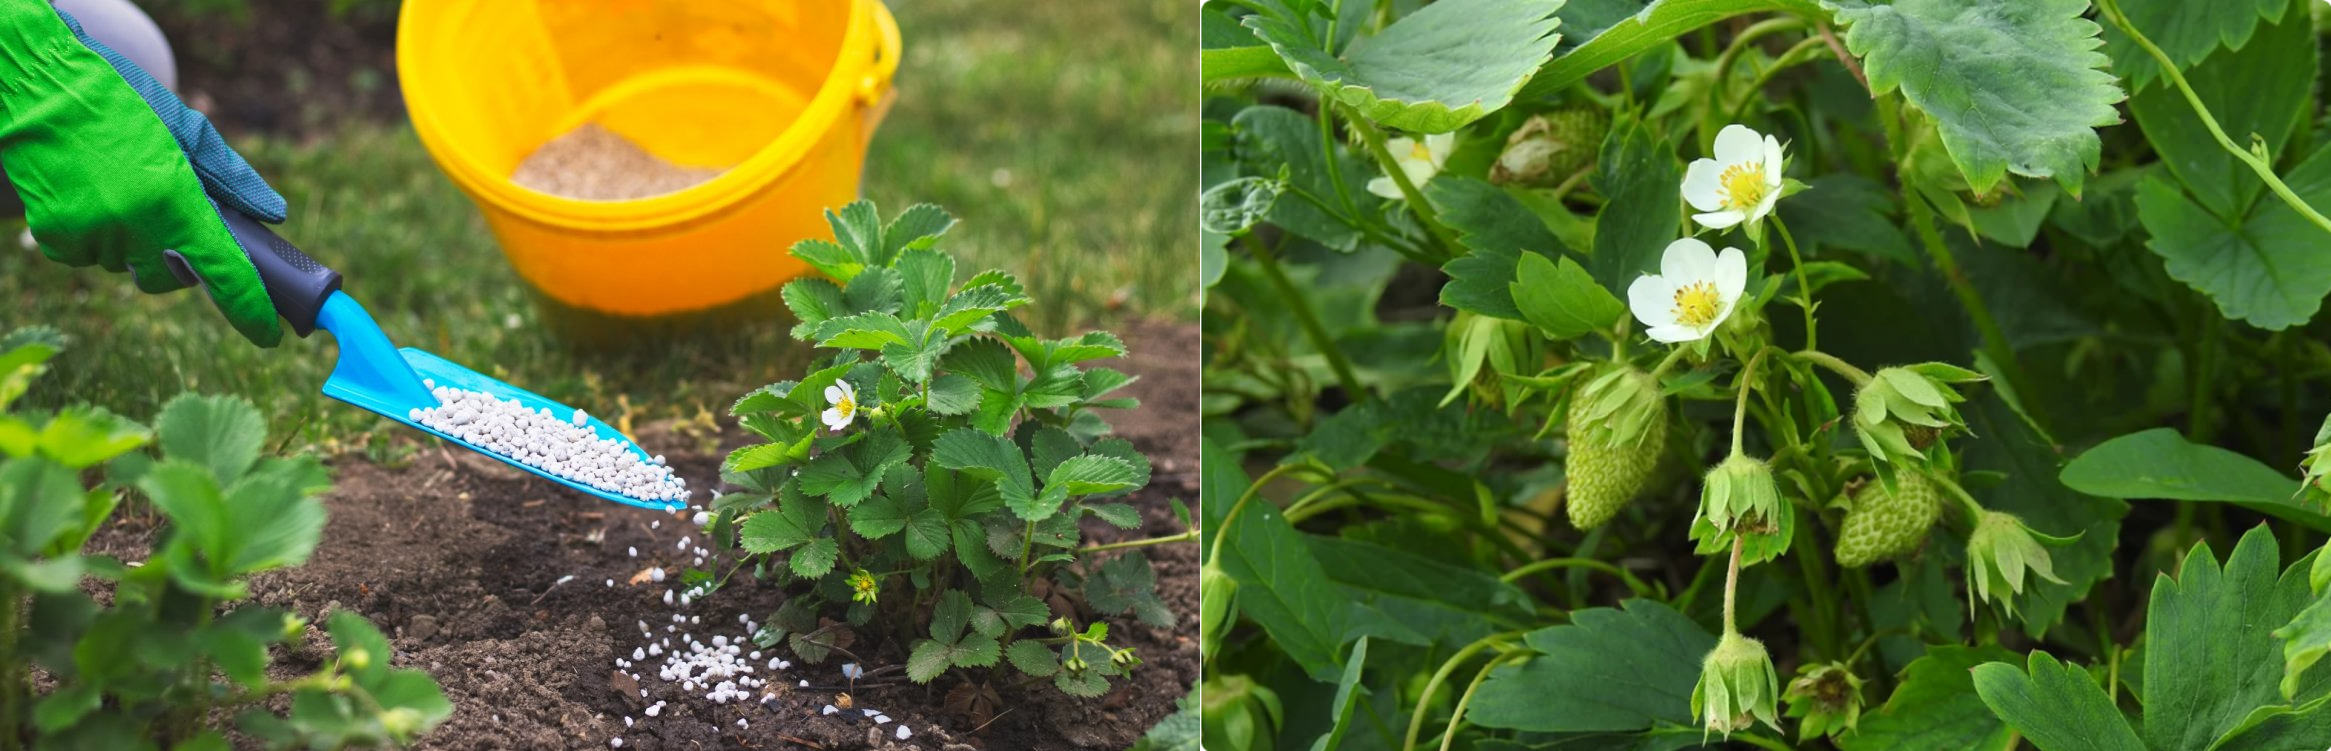 Урожай полуниці буде в 5 разів більше, якщо зробити 3 простих дії навесні